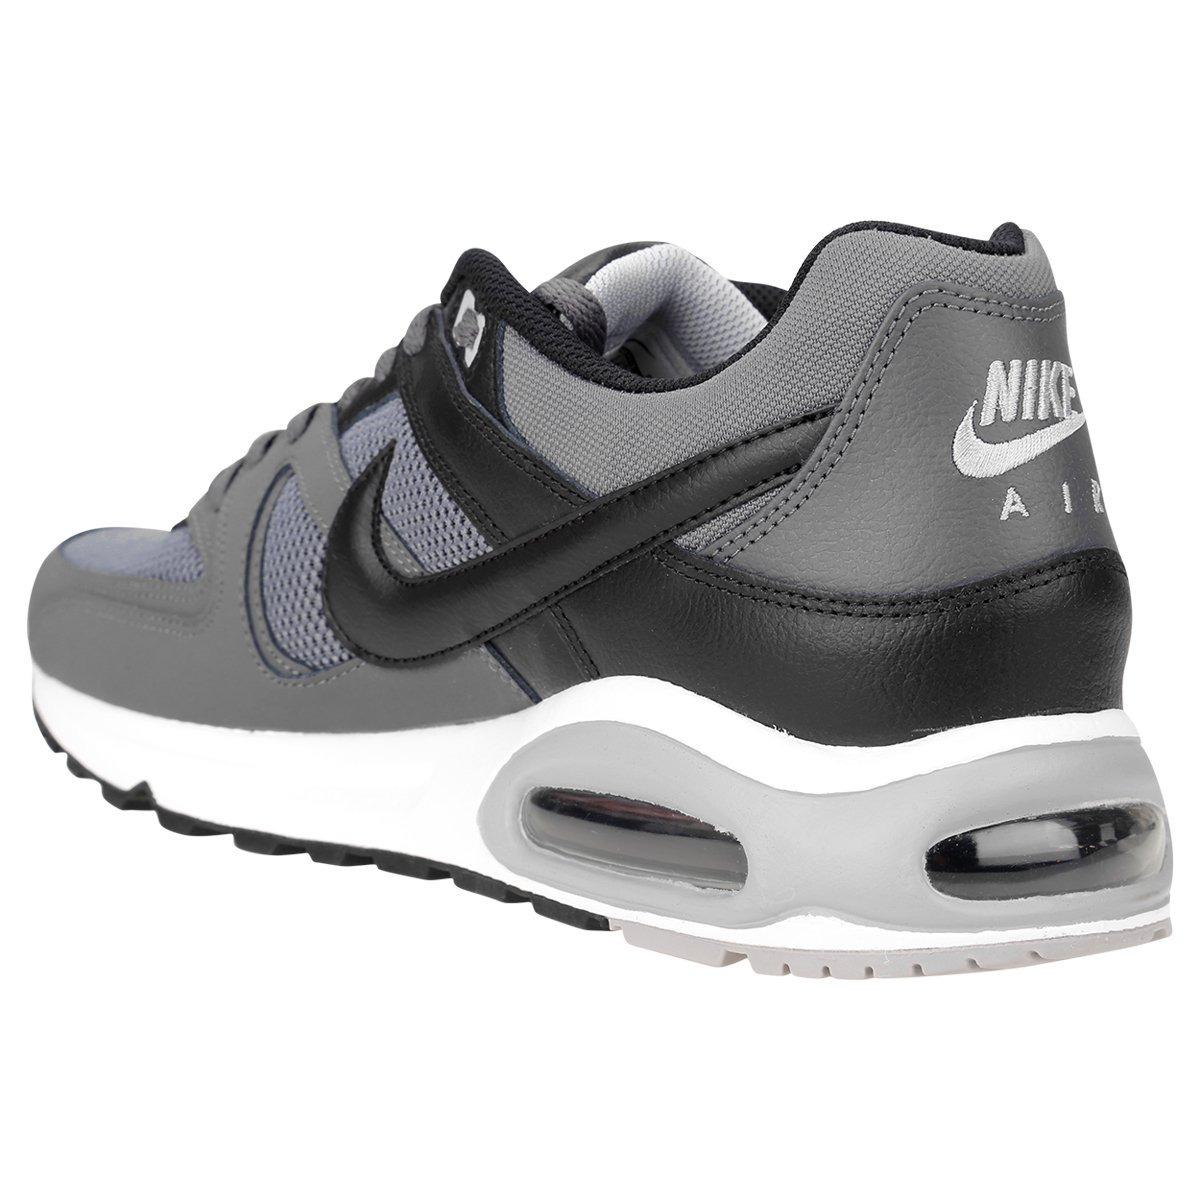 c1d19b10d69 ... canada zapatillas nike air max command originales gris negro envios.  cargando zoom. bb45d 42549